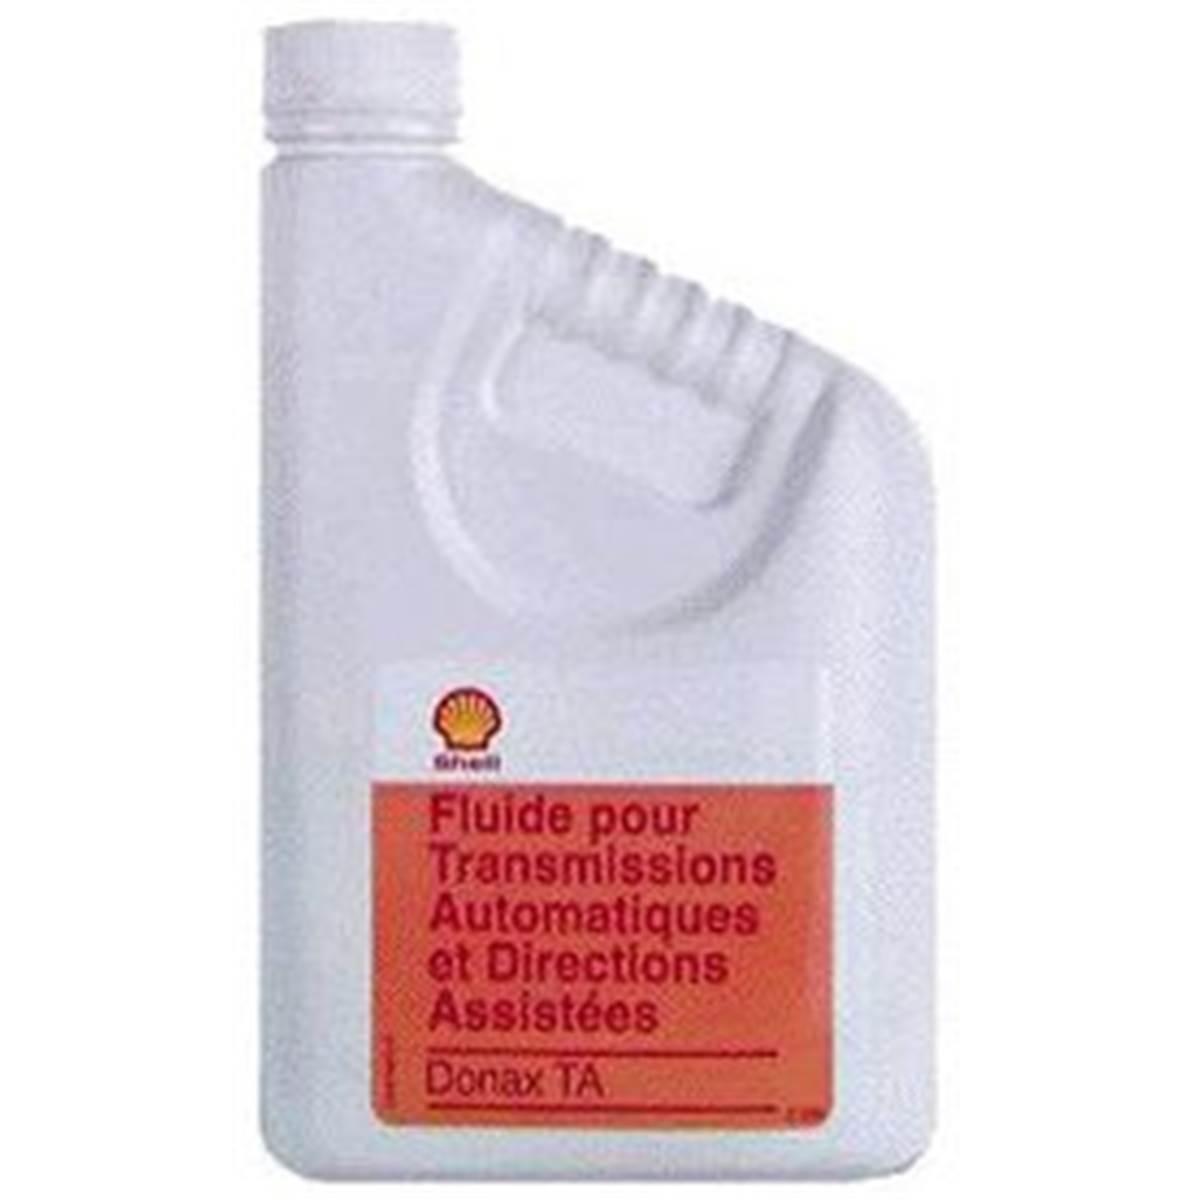 Lubrifiant Shell pour transmissions automatiques et directions assistées